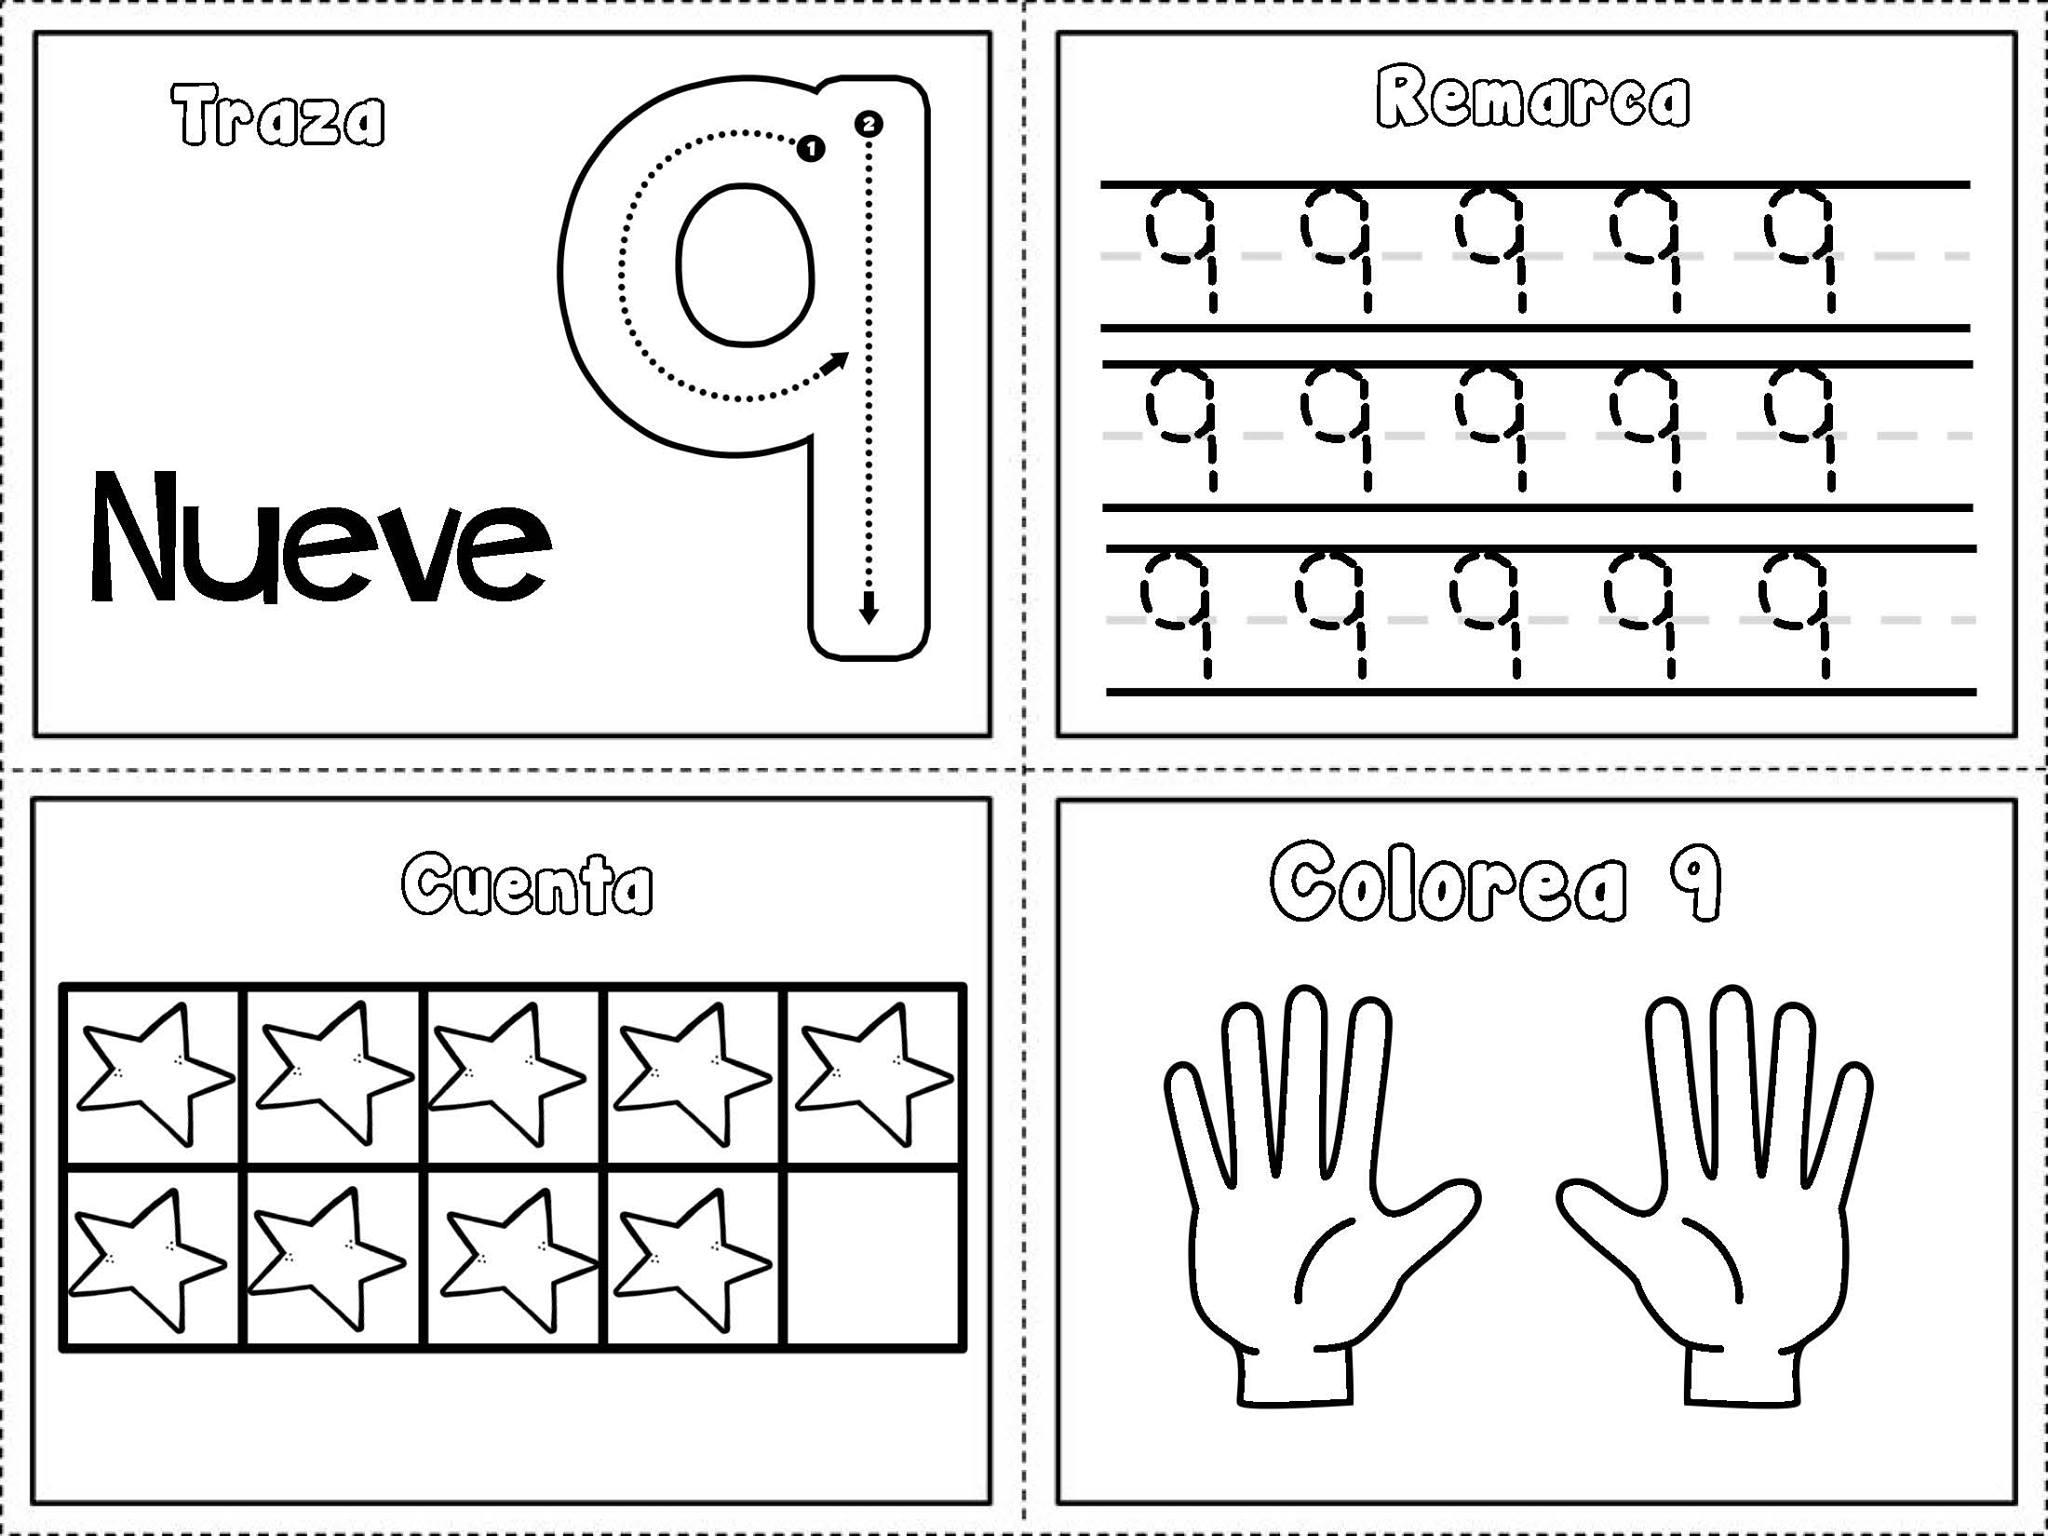 Dibujos Para Colorear Con Numeros Del 1 Al 10: Grafomotricidad Números Del 1 Al 10 (9)